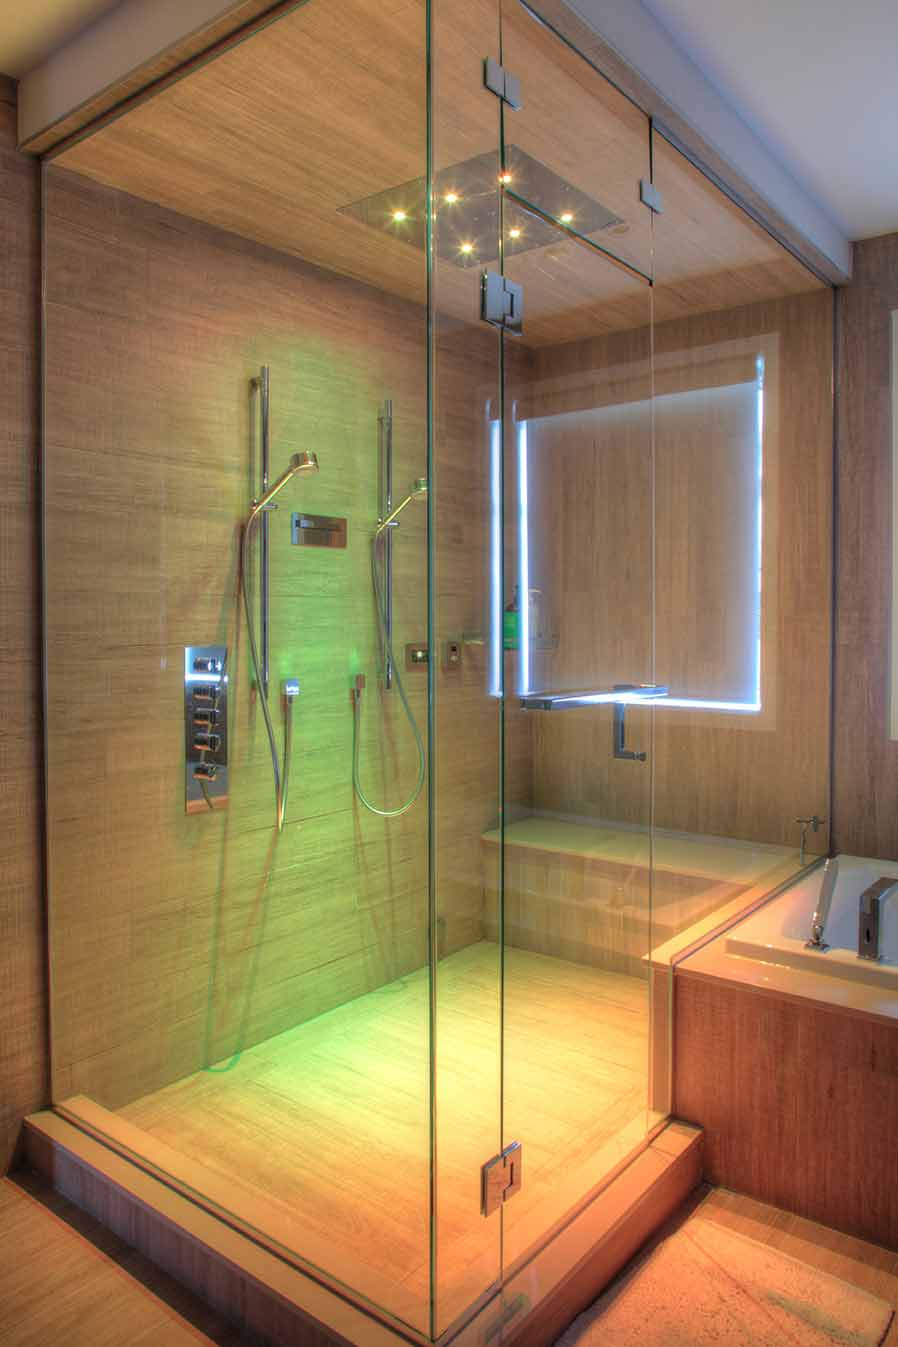 Choosing Between Framed And Frameless Shower Enclosures